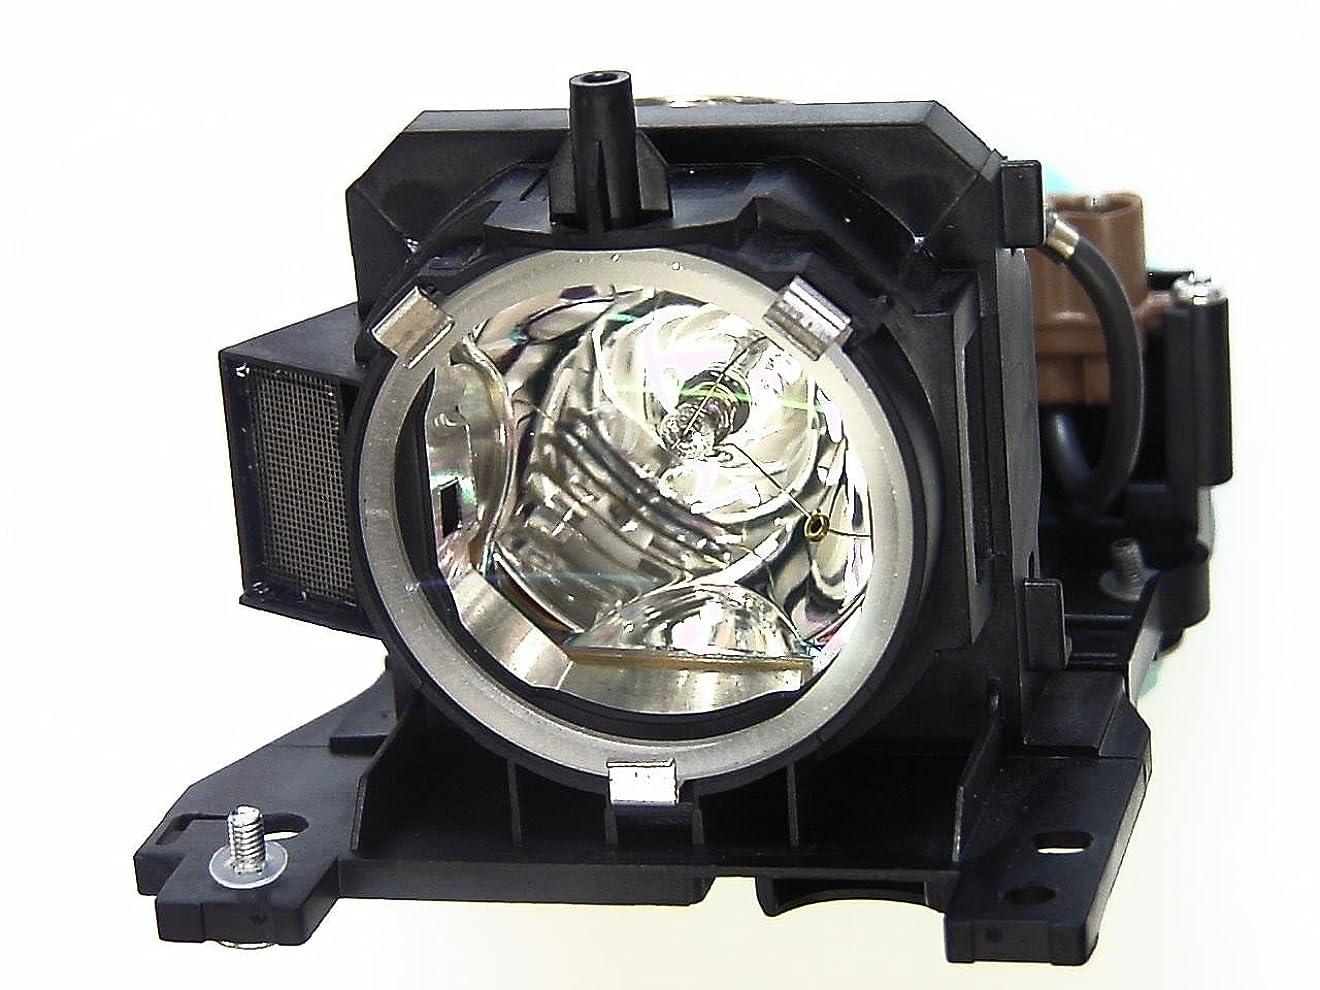 結核アイデアヨーロッパHITACHI ED-X33プロジェクター用ダイヤモンドランプ ウシオ電球内蔵